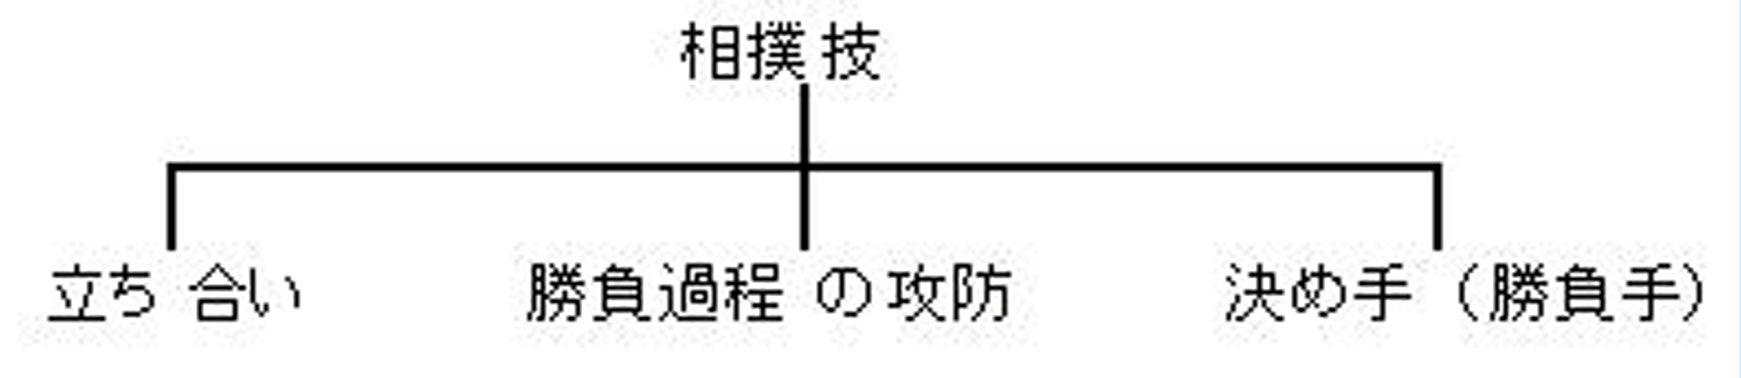 相撲技分類a